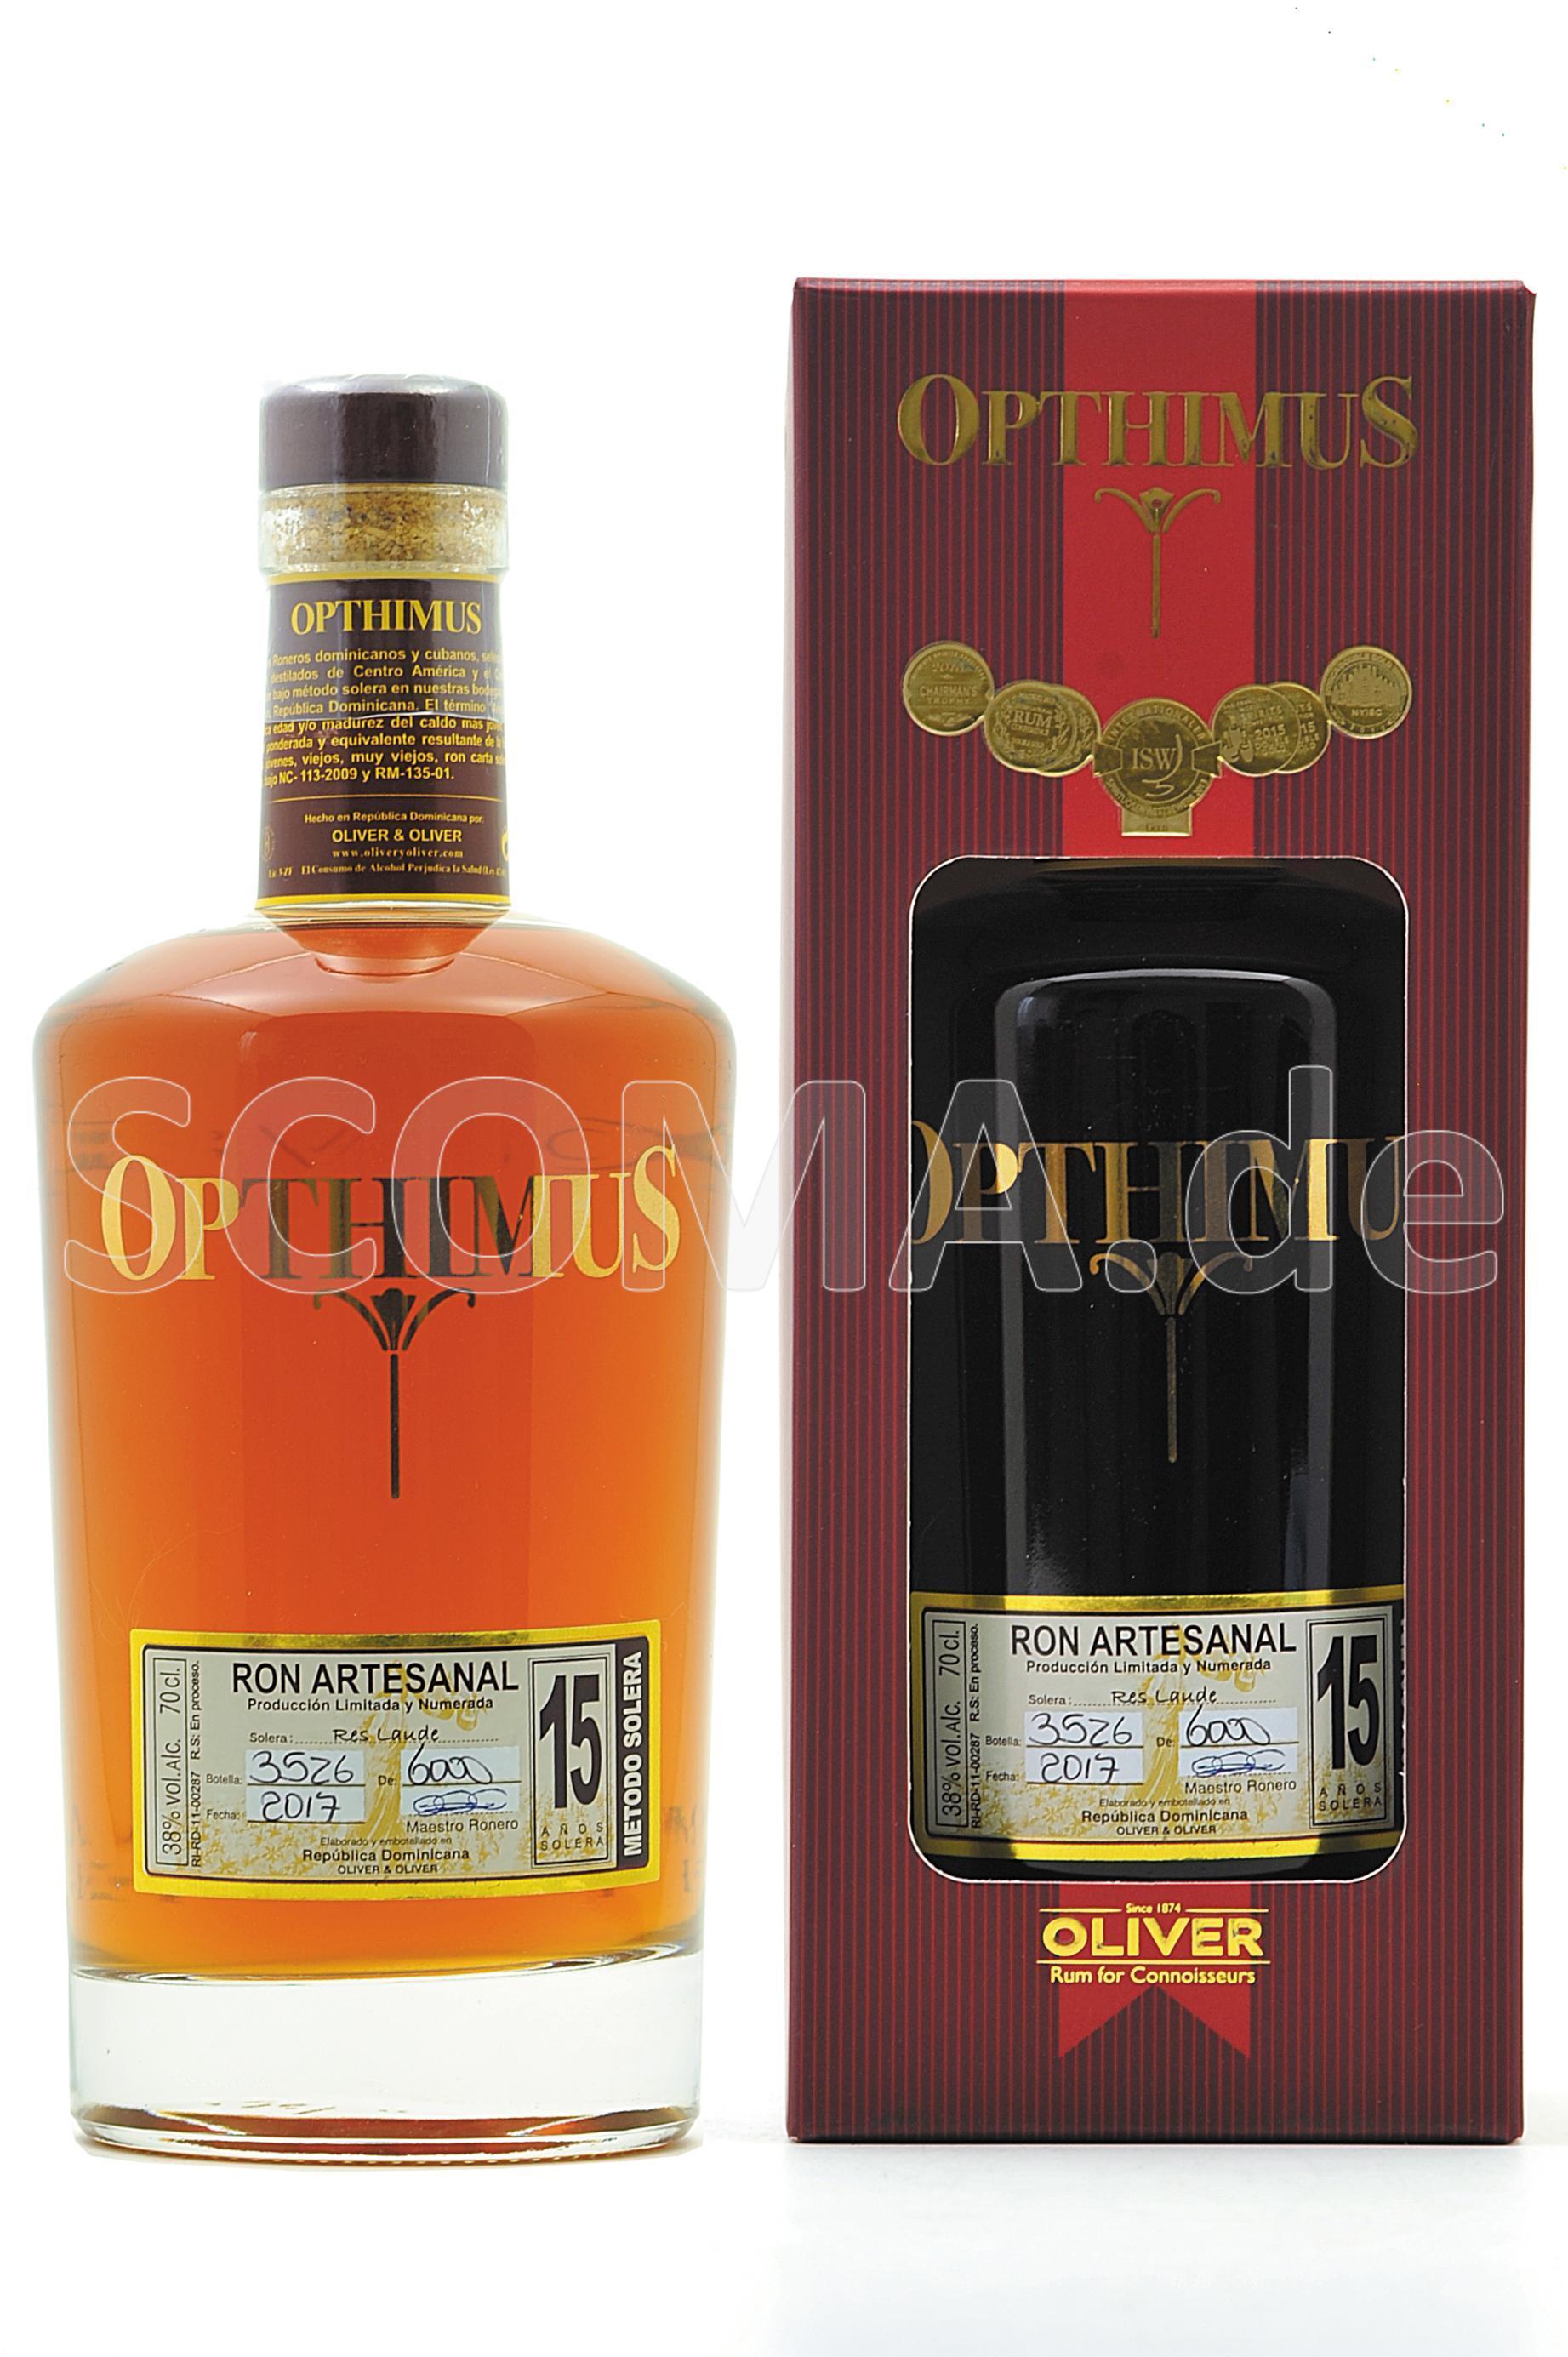 Opthimus 15 years Solera